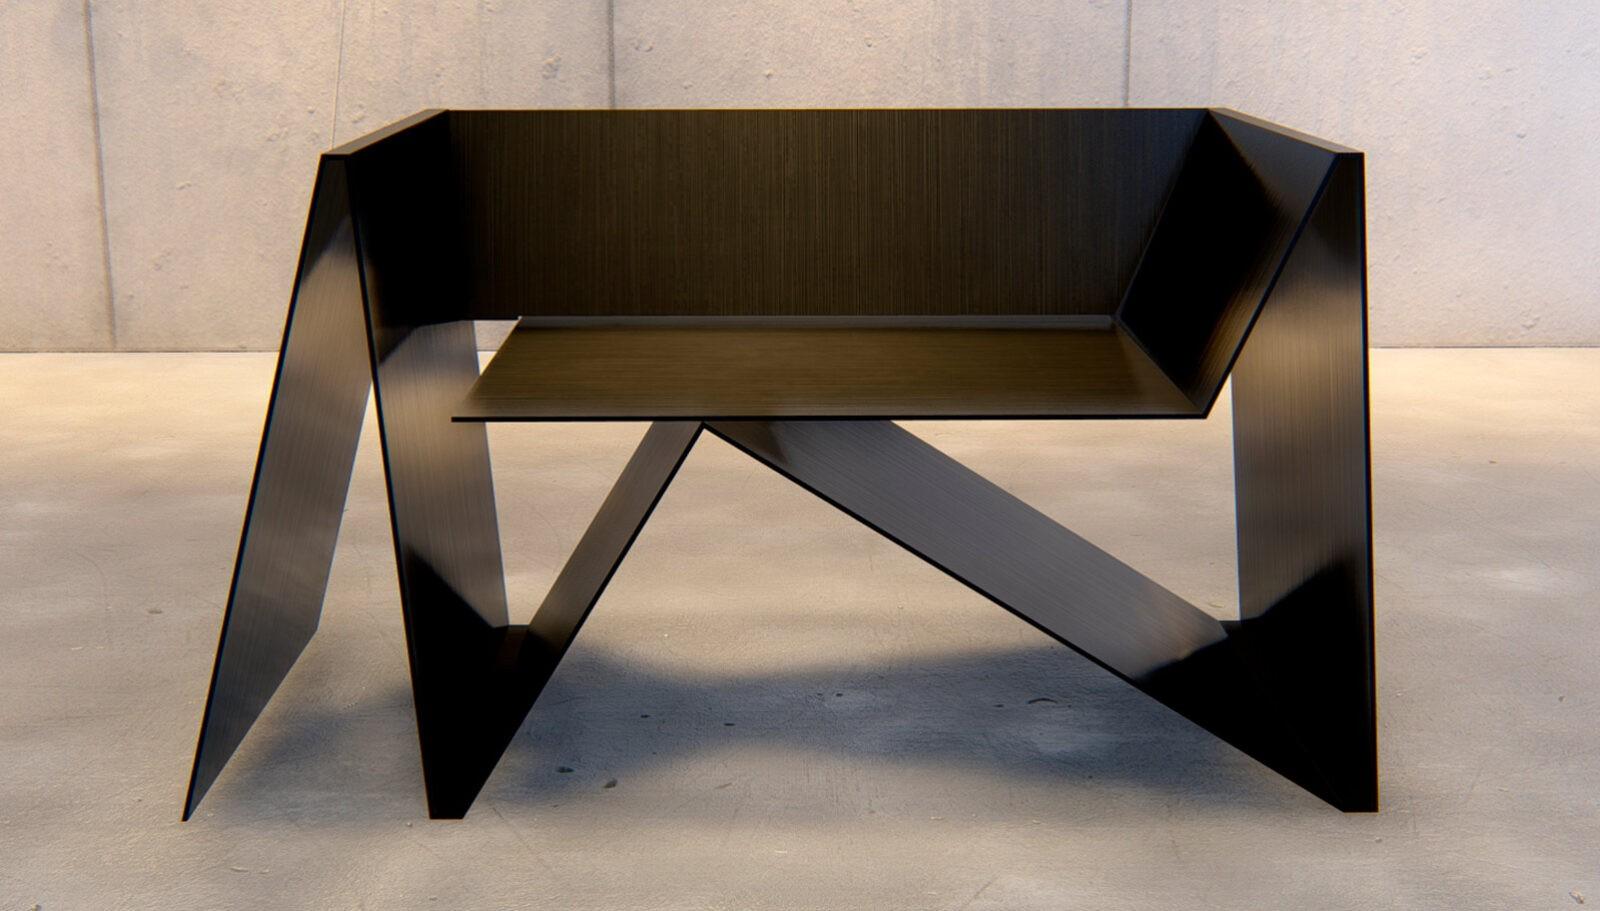 The Contemporary Design of Flavio Franco Studio